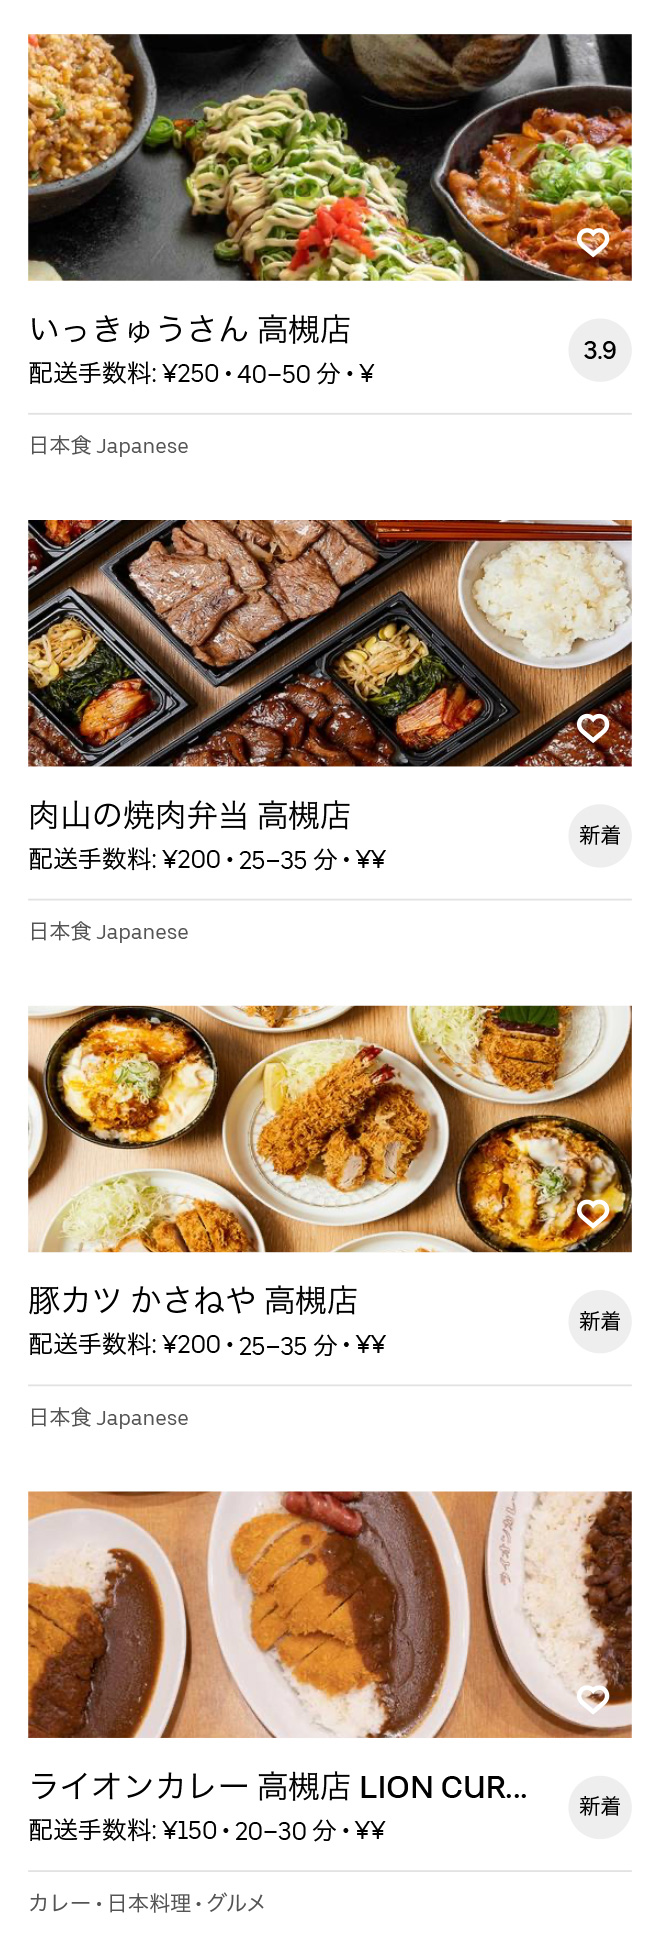 Takatsuki menu 2008 08